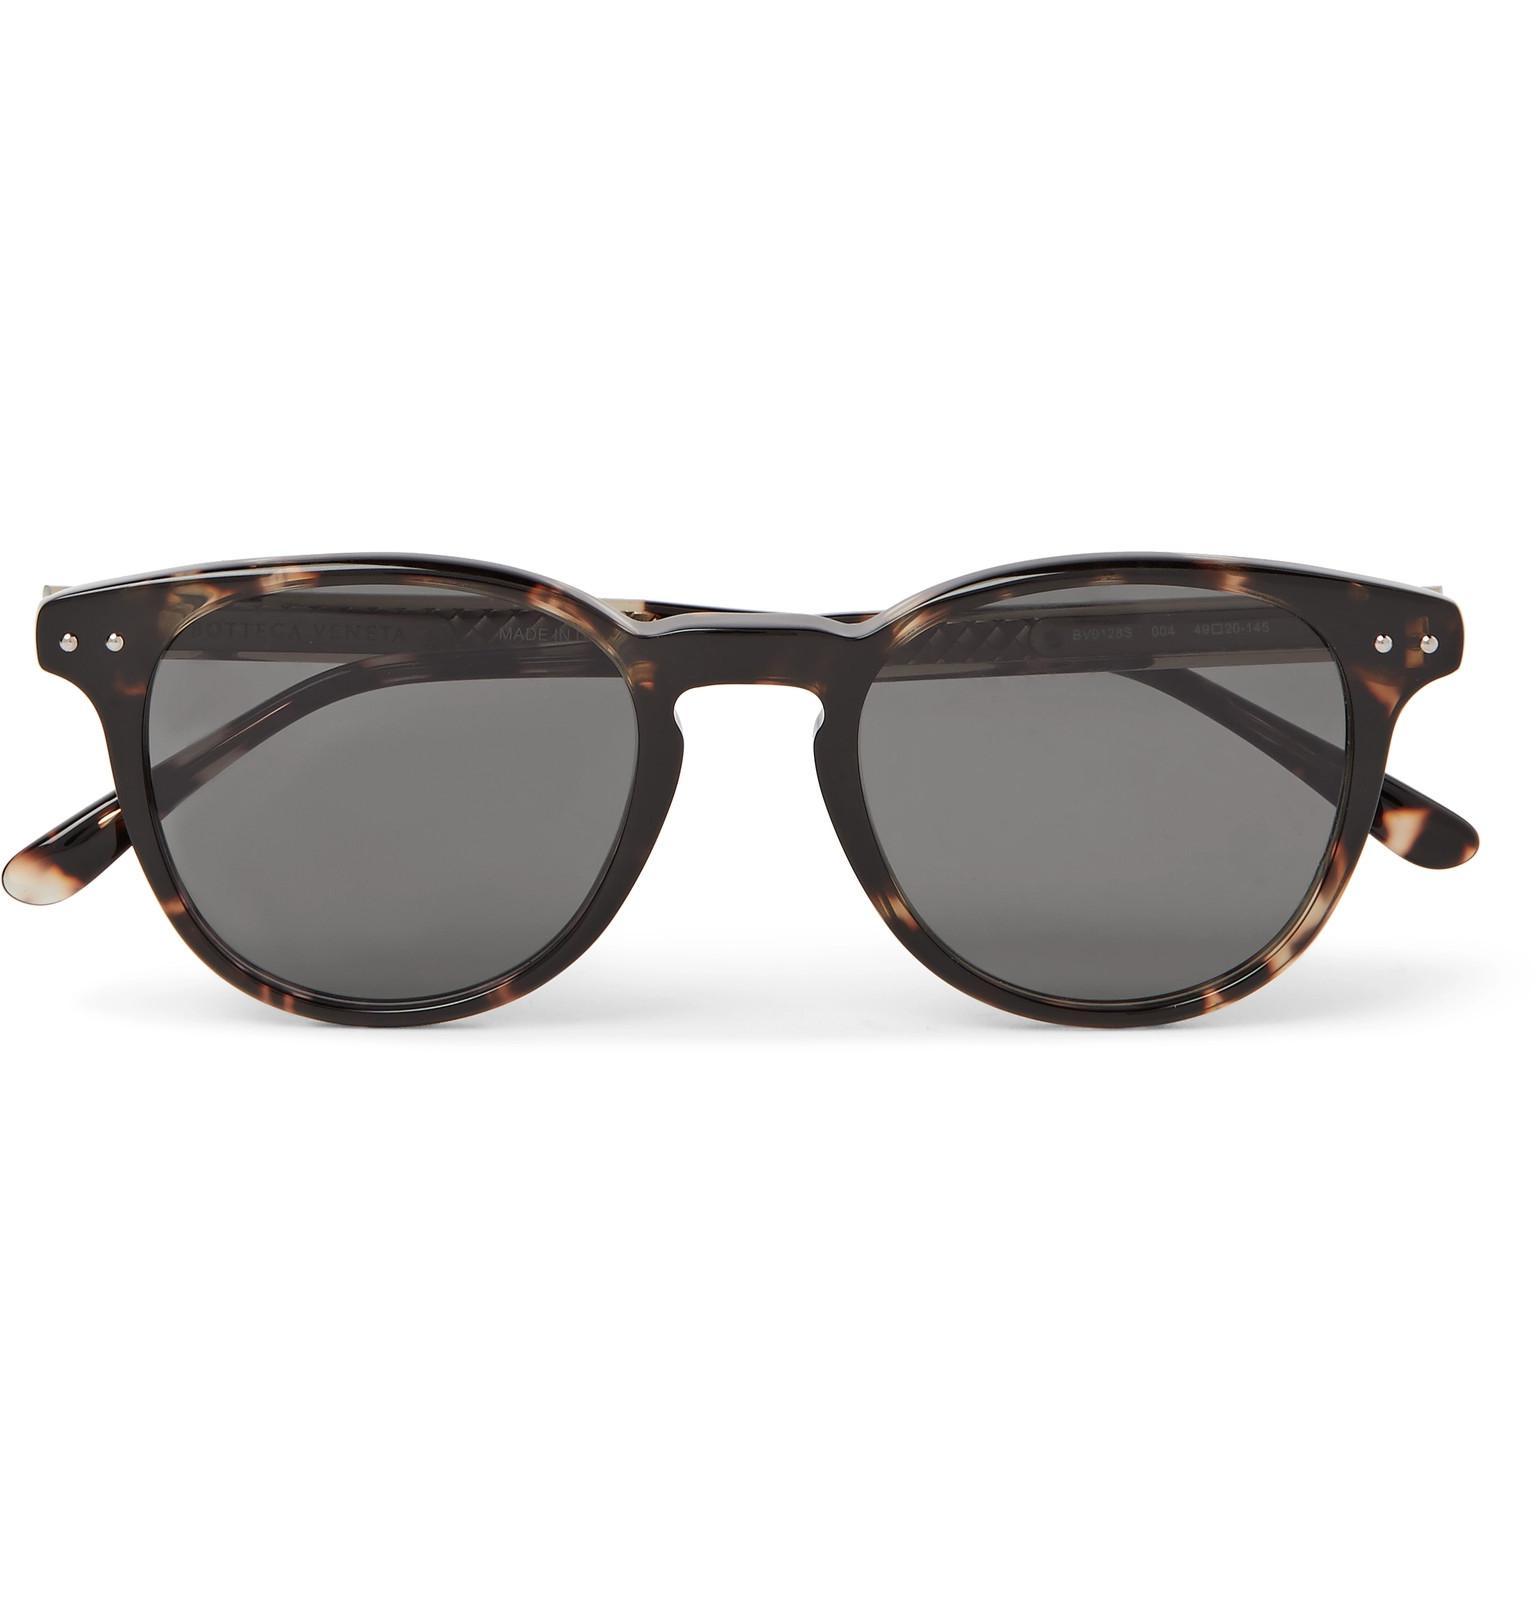 2ebb88d4f2f1 Lyst - Bottega Veneta Round-frame Tortoiseshell Acetate Sunglasses ...